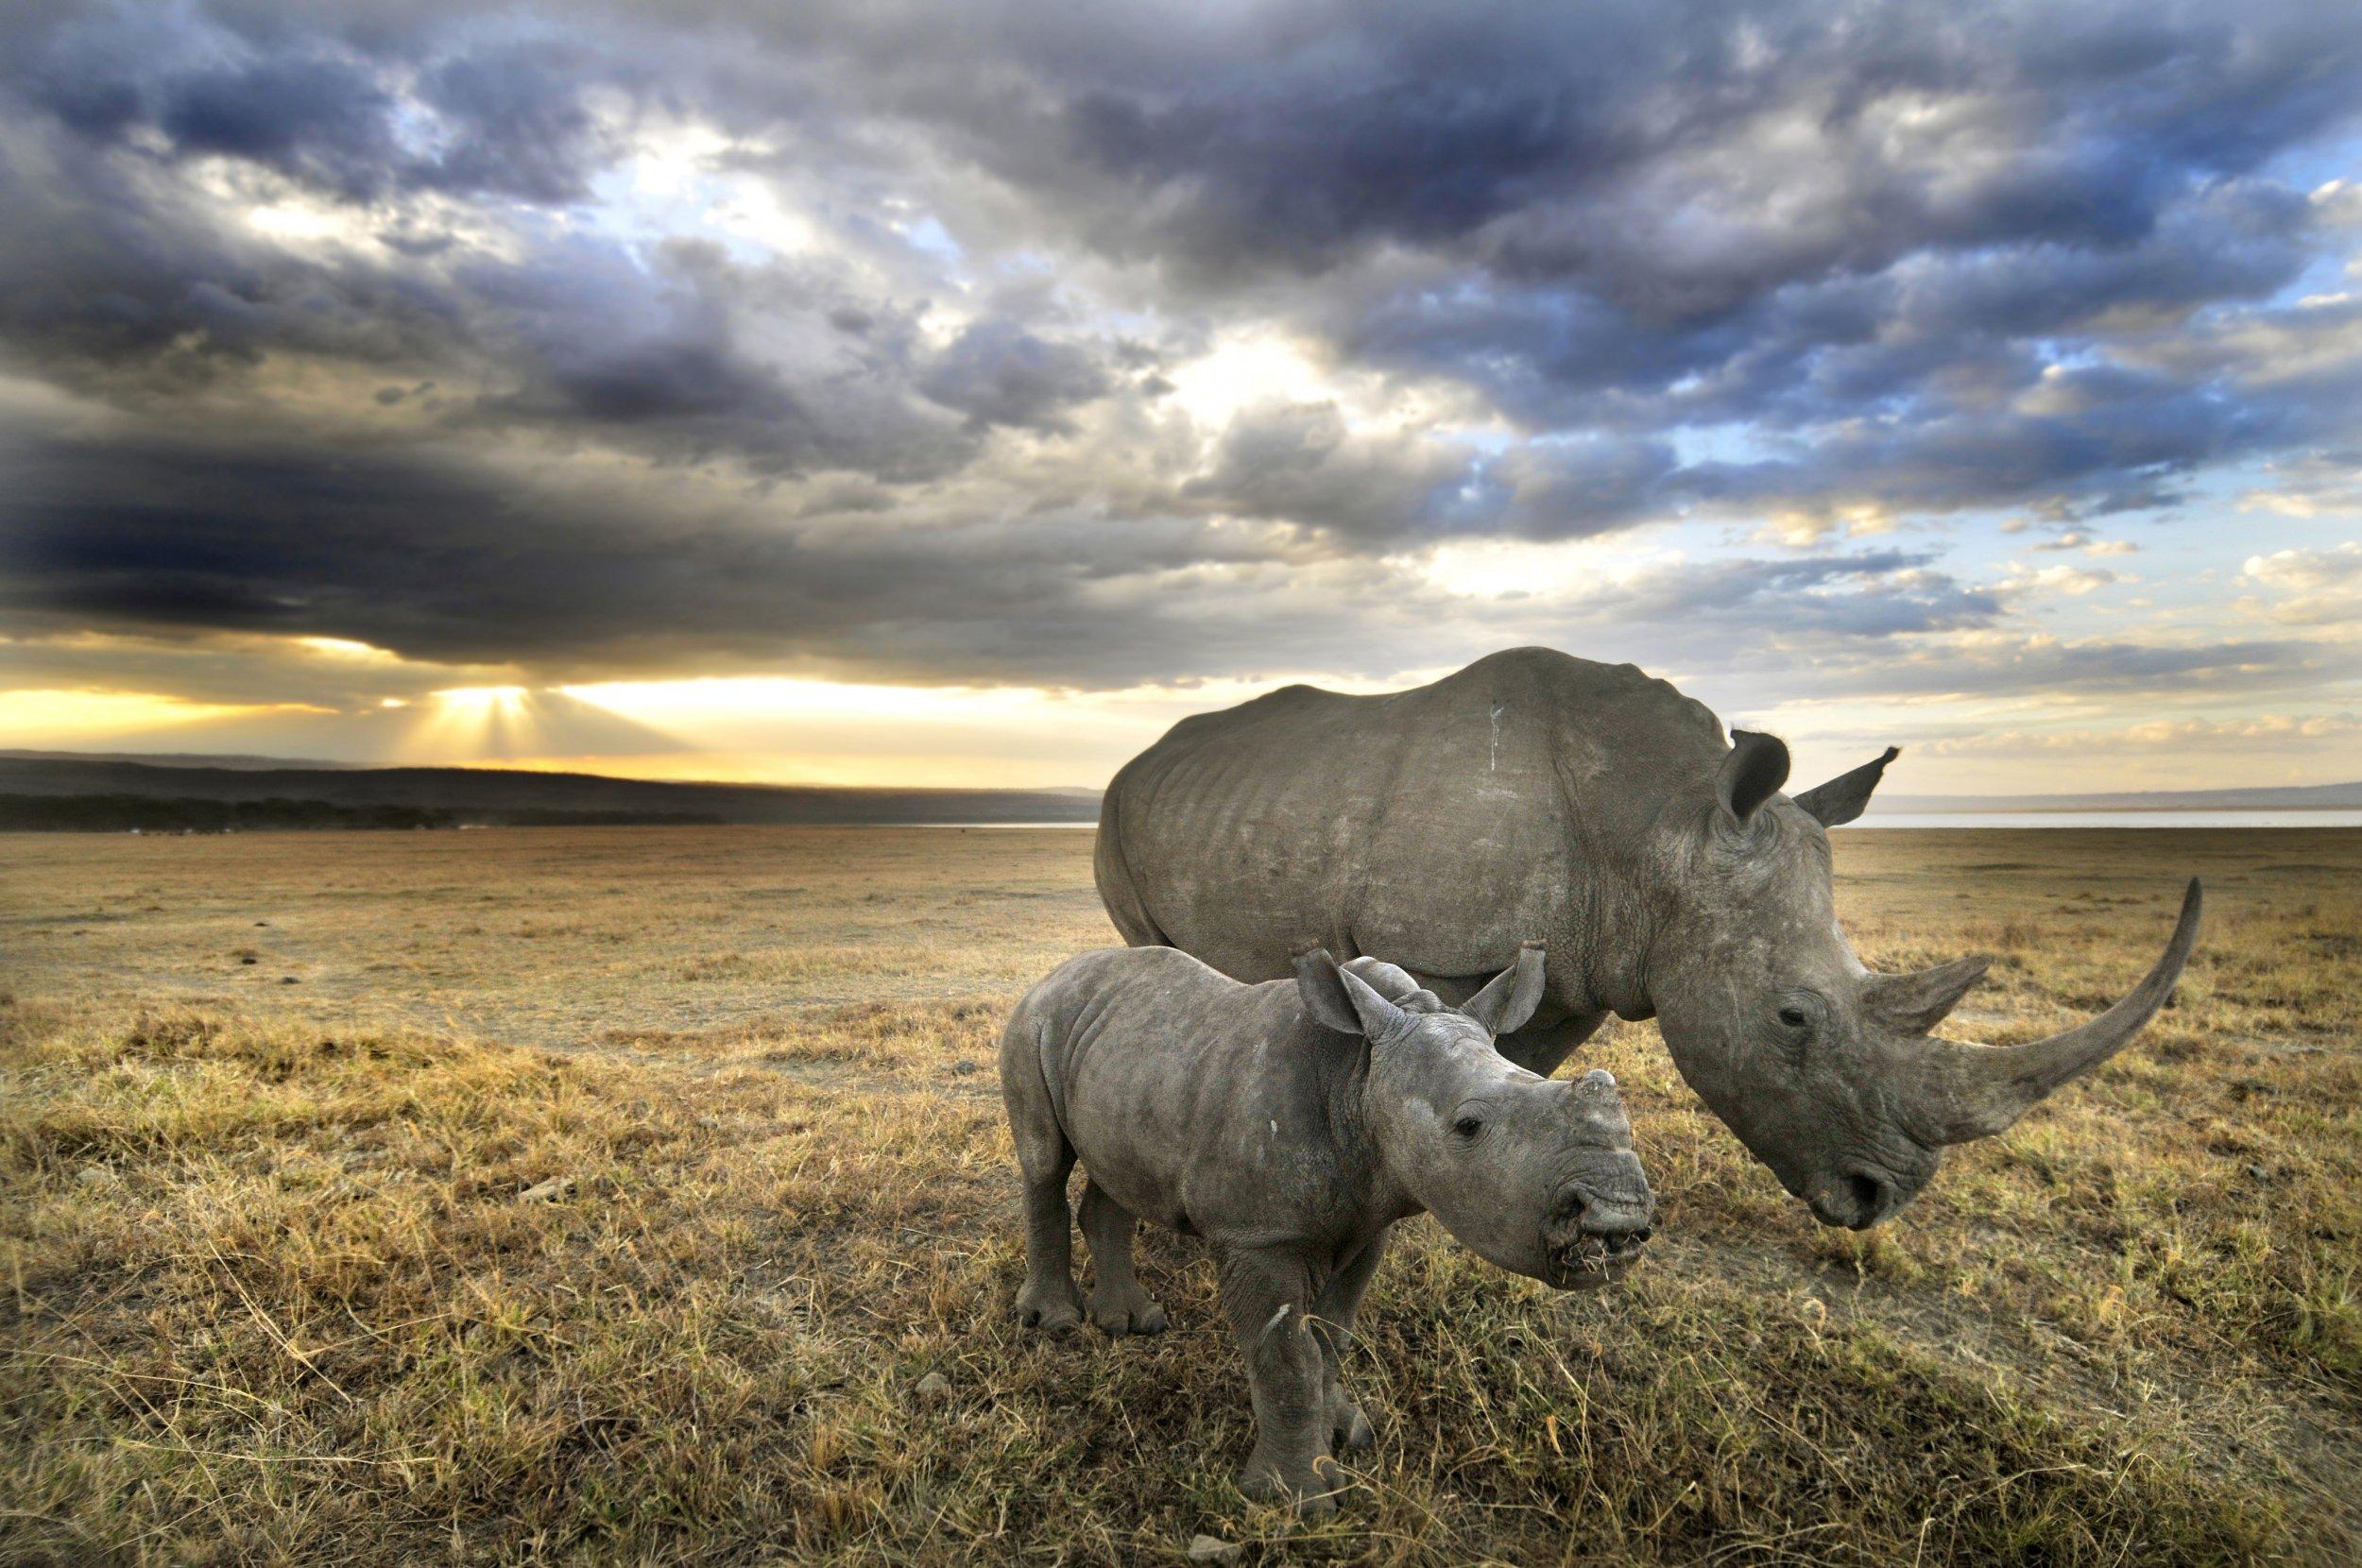 08_18_RhinoRaceWar_01